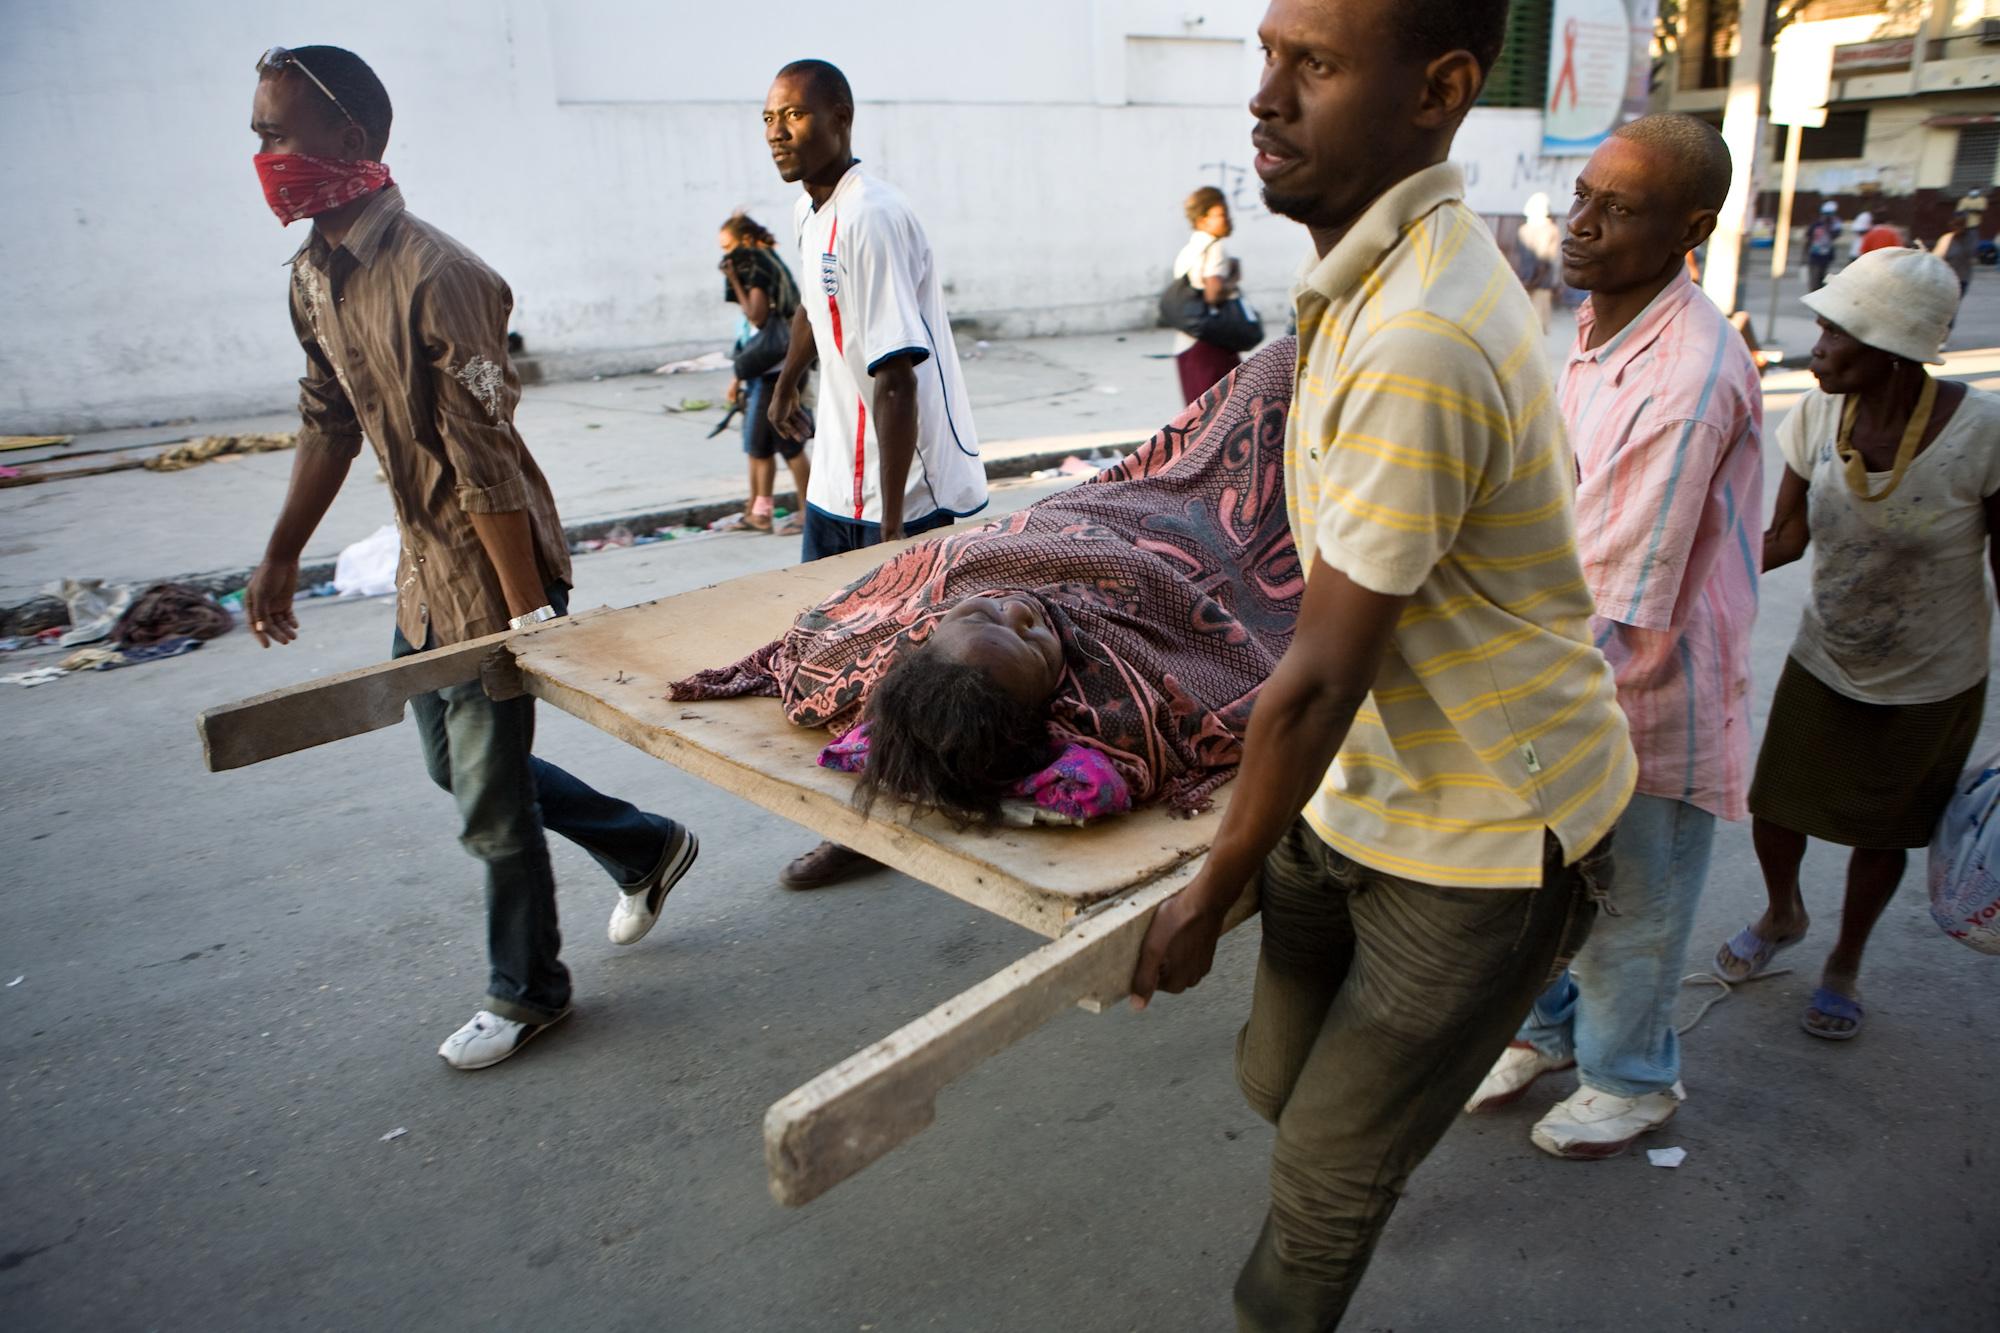 Haiti_Earthquake_new_seq_003.jpg